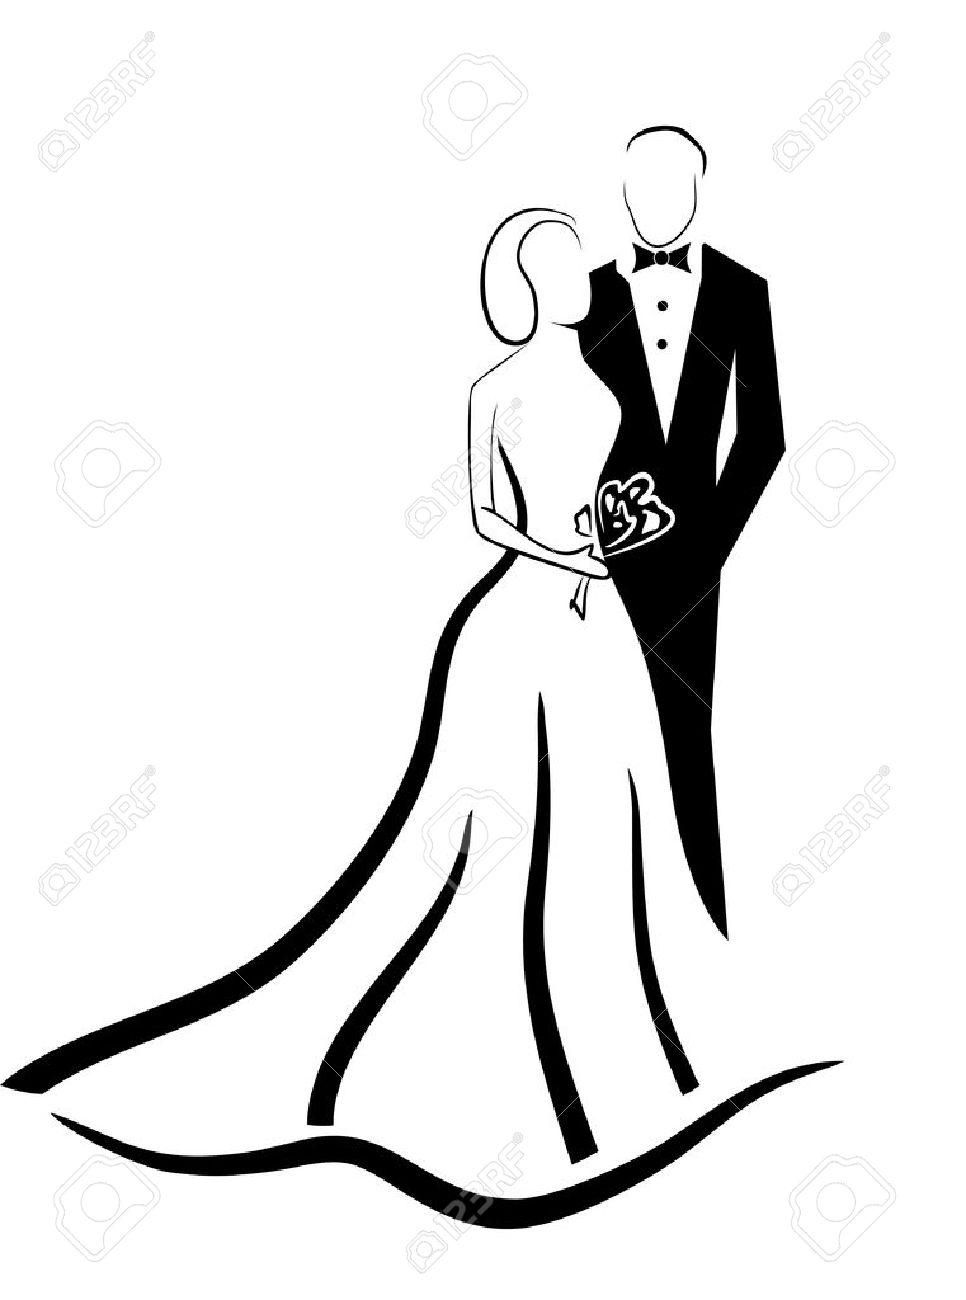 wedding couple vector eps 10 - 44033502